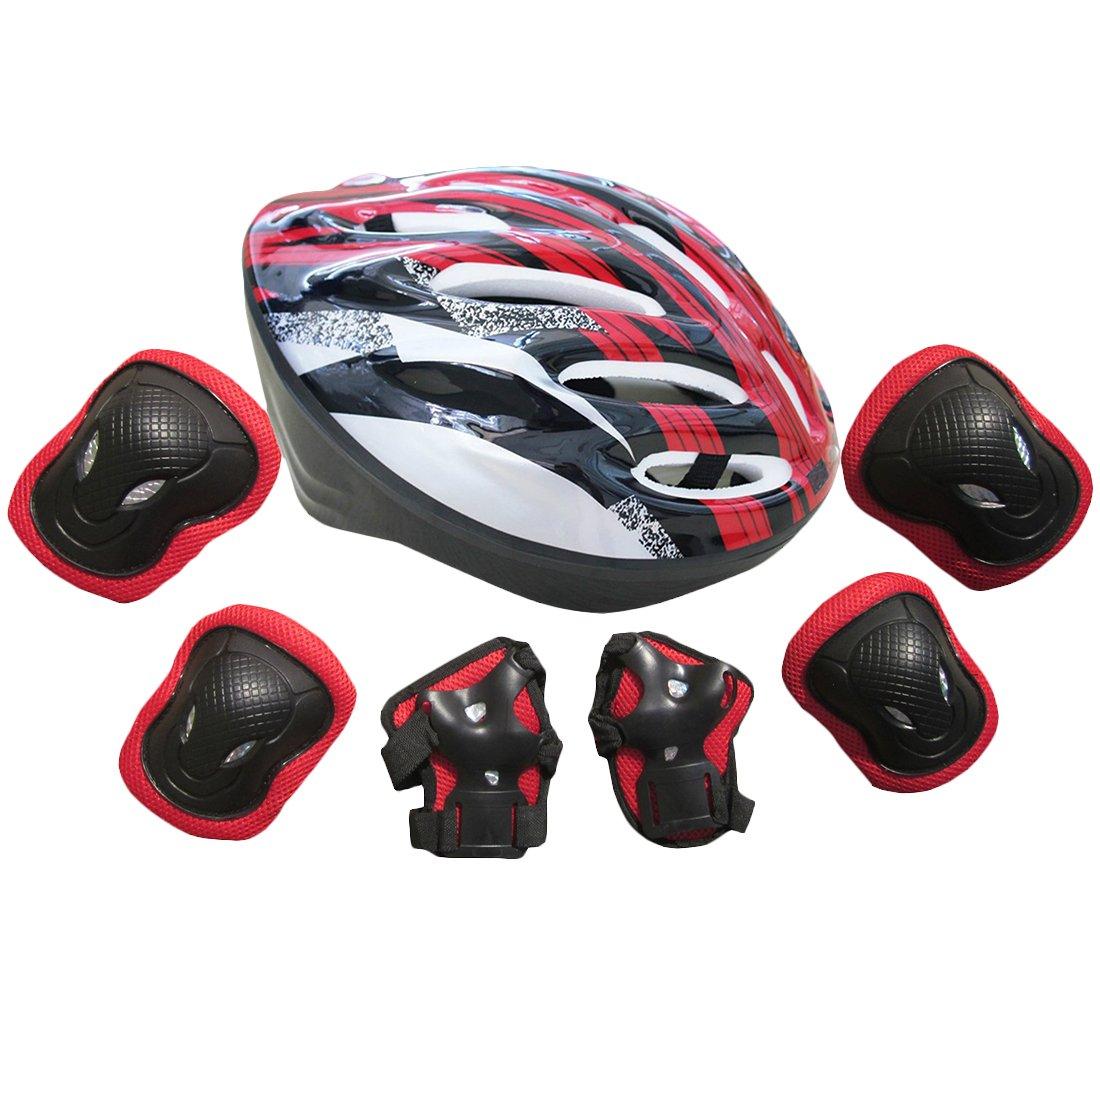 Hipsteen Kit de Protections 7 pièces/3 paires - Protège-Paume + Coudière + Genouillère +1 Casque de Protection/Vélo(Rouge) de skateboard, roller, patin à glace etc. pour adulte